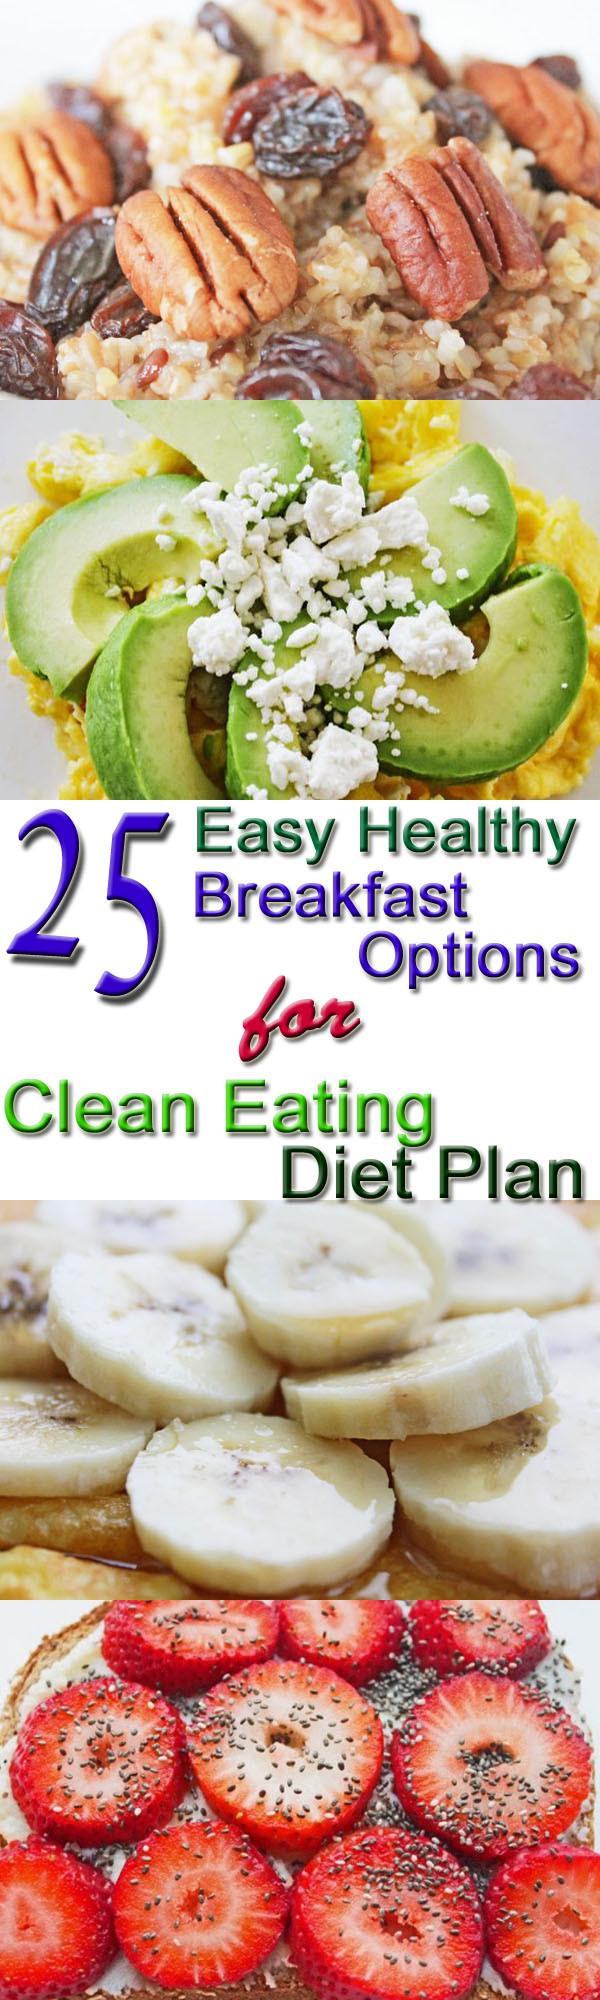 Healthy Simple Breakfast Ideas  25 Healthy Breakfast Options